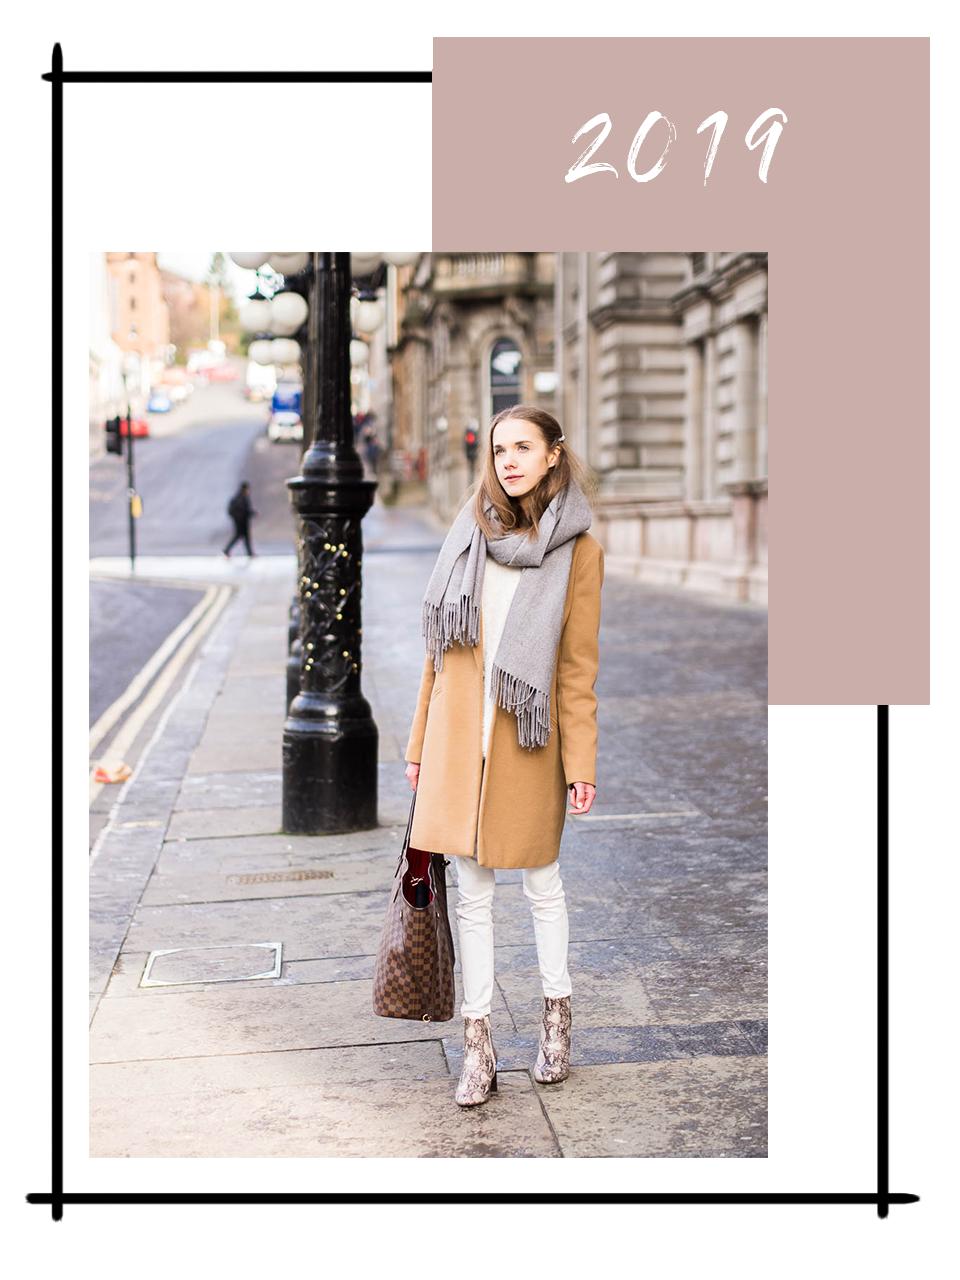 Neutral style fashion blogger outfit - Muotibloggaaja, asu, neutraalit sävyt